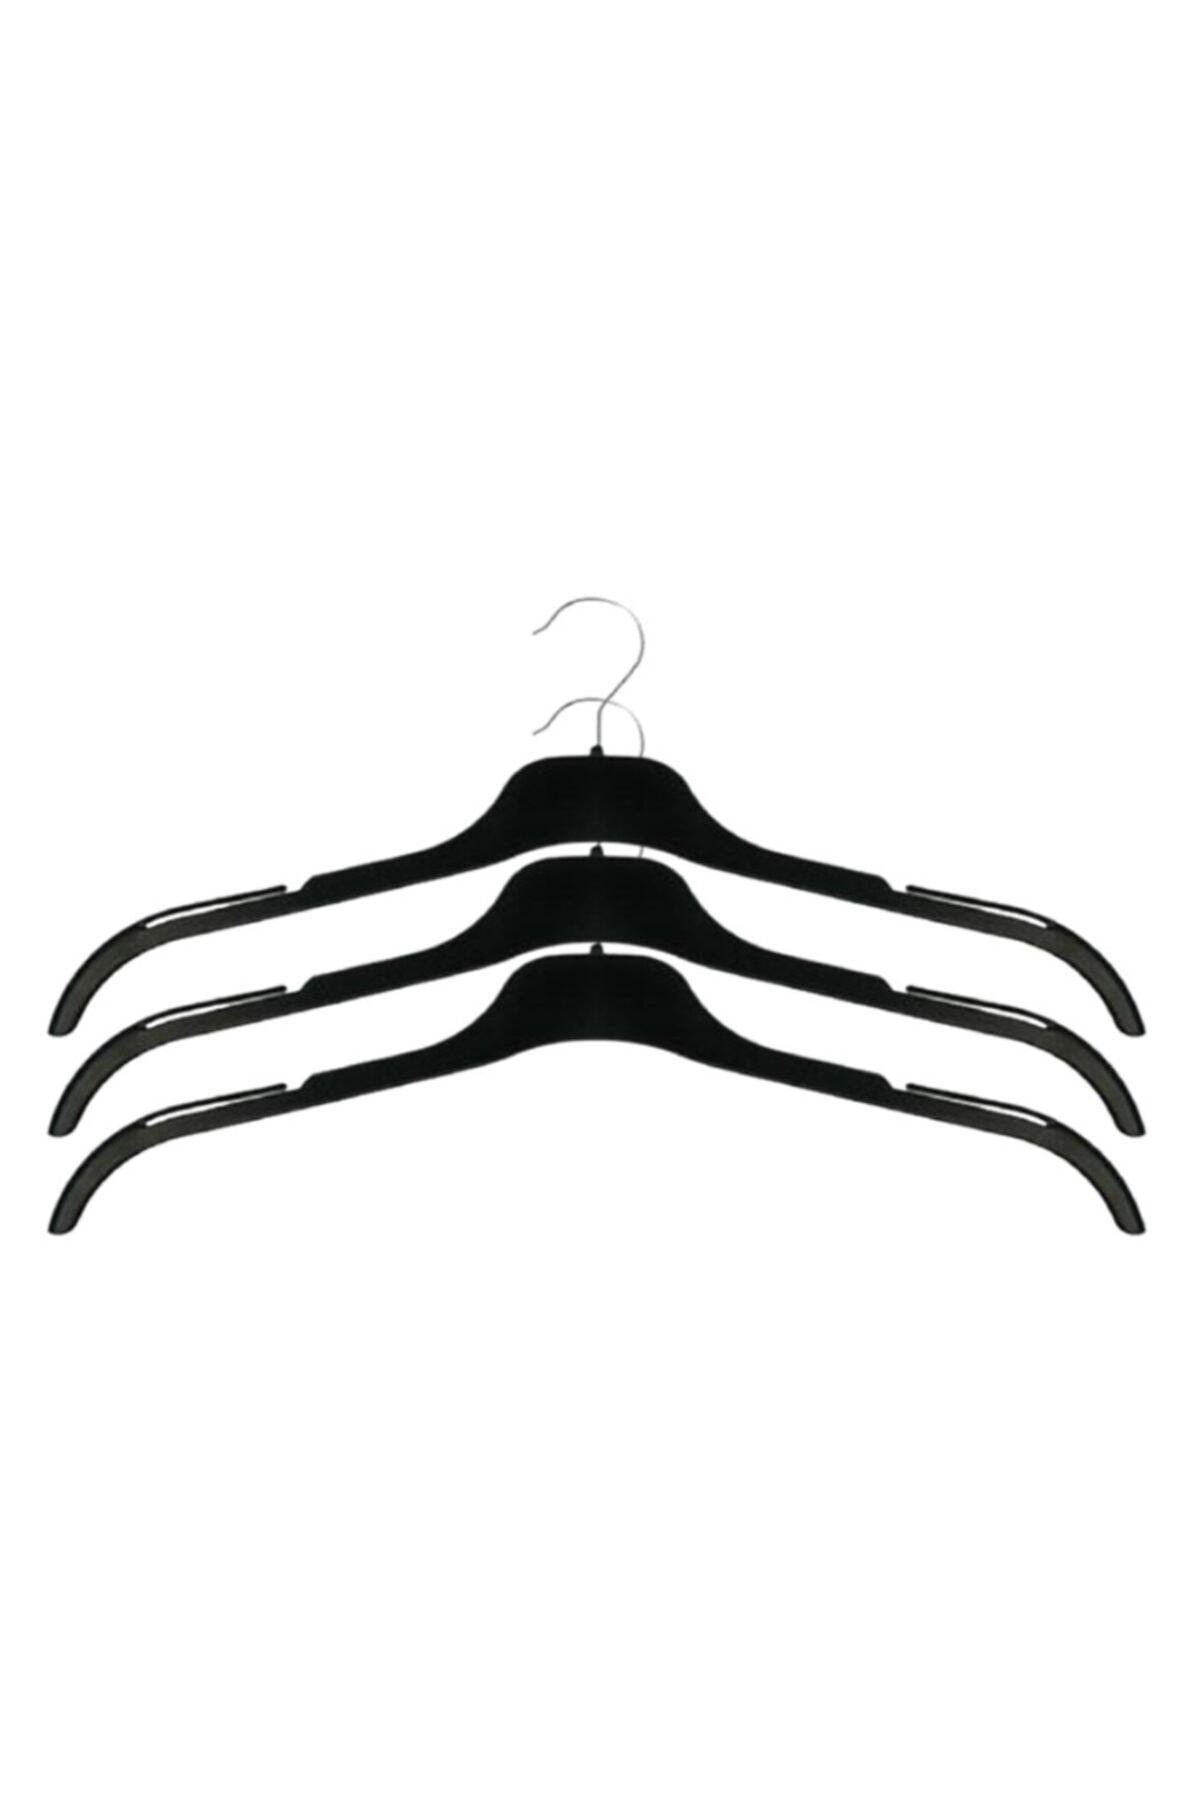 EZMK EV GEREÇLERİ Askı, Ec 43 Siyah Çentikli Tişört, Gömlek, Abiye Askısı Siyah 43 Cm (20 ADET)